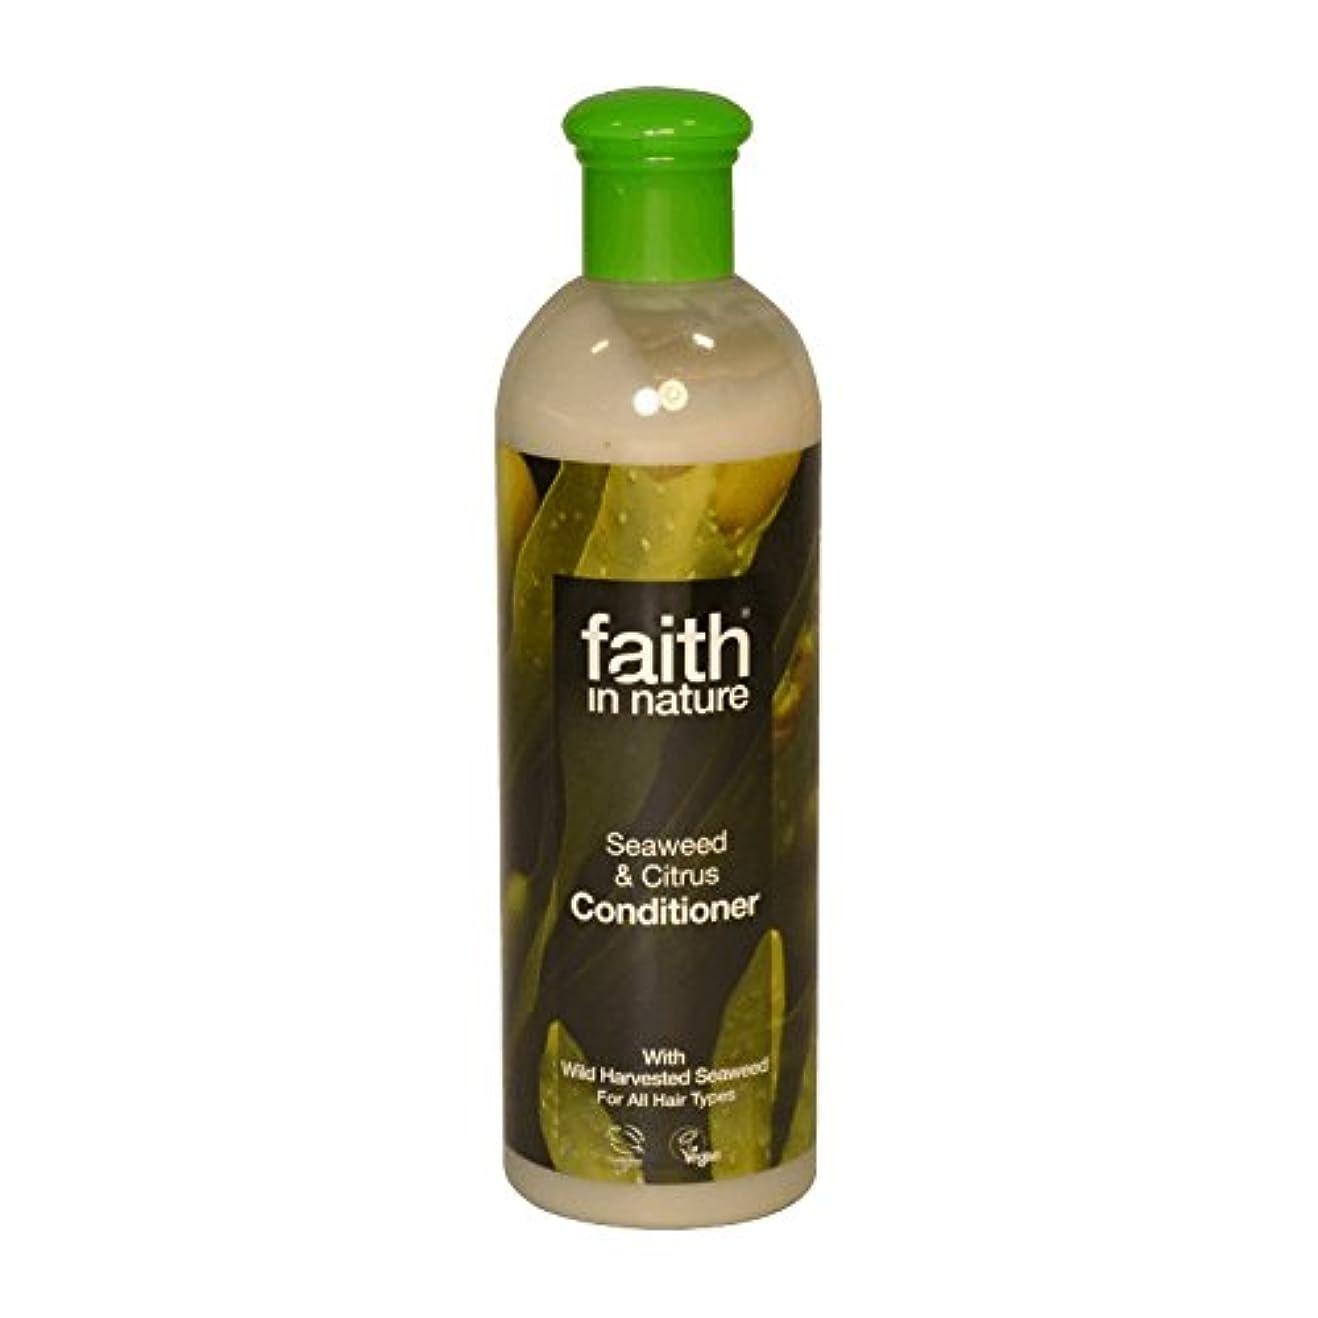 させる音節苦情文句Faith in Nature Seaweed & Citrus Conditioner 400ml (Pack of 2) - 自然の海藻&シトラスコンディショナー400ミリリットルの信仰 (x2) [並行輸入品]